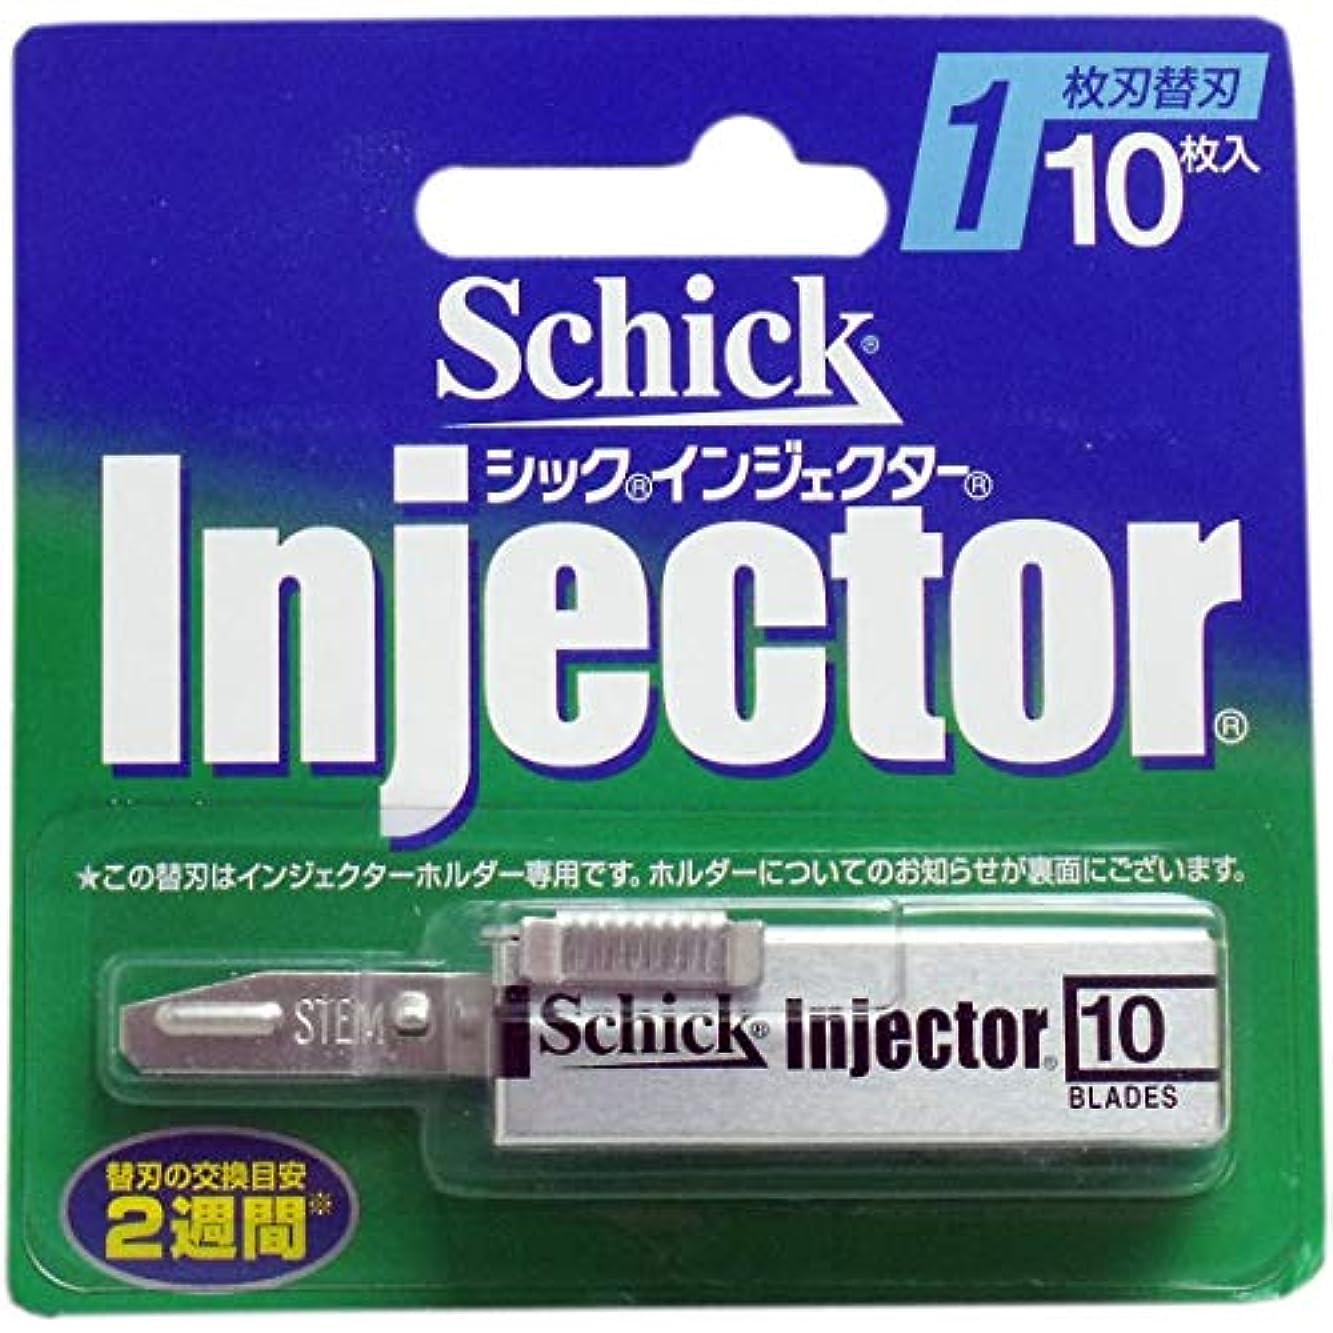 有名な怠イブシック インジェクター 1枚刃 替刃 10枚入×2個セット